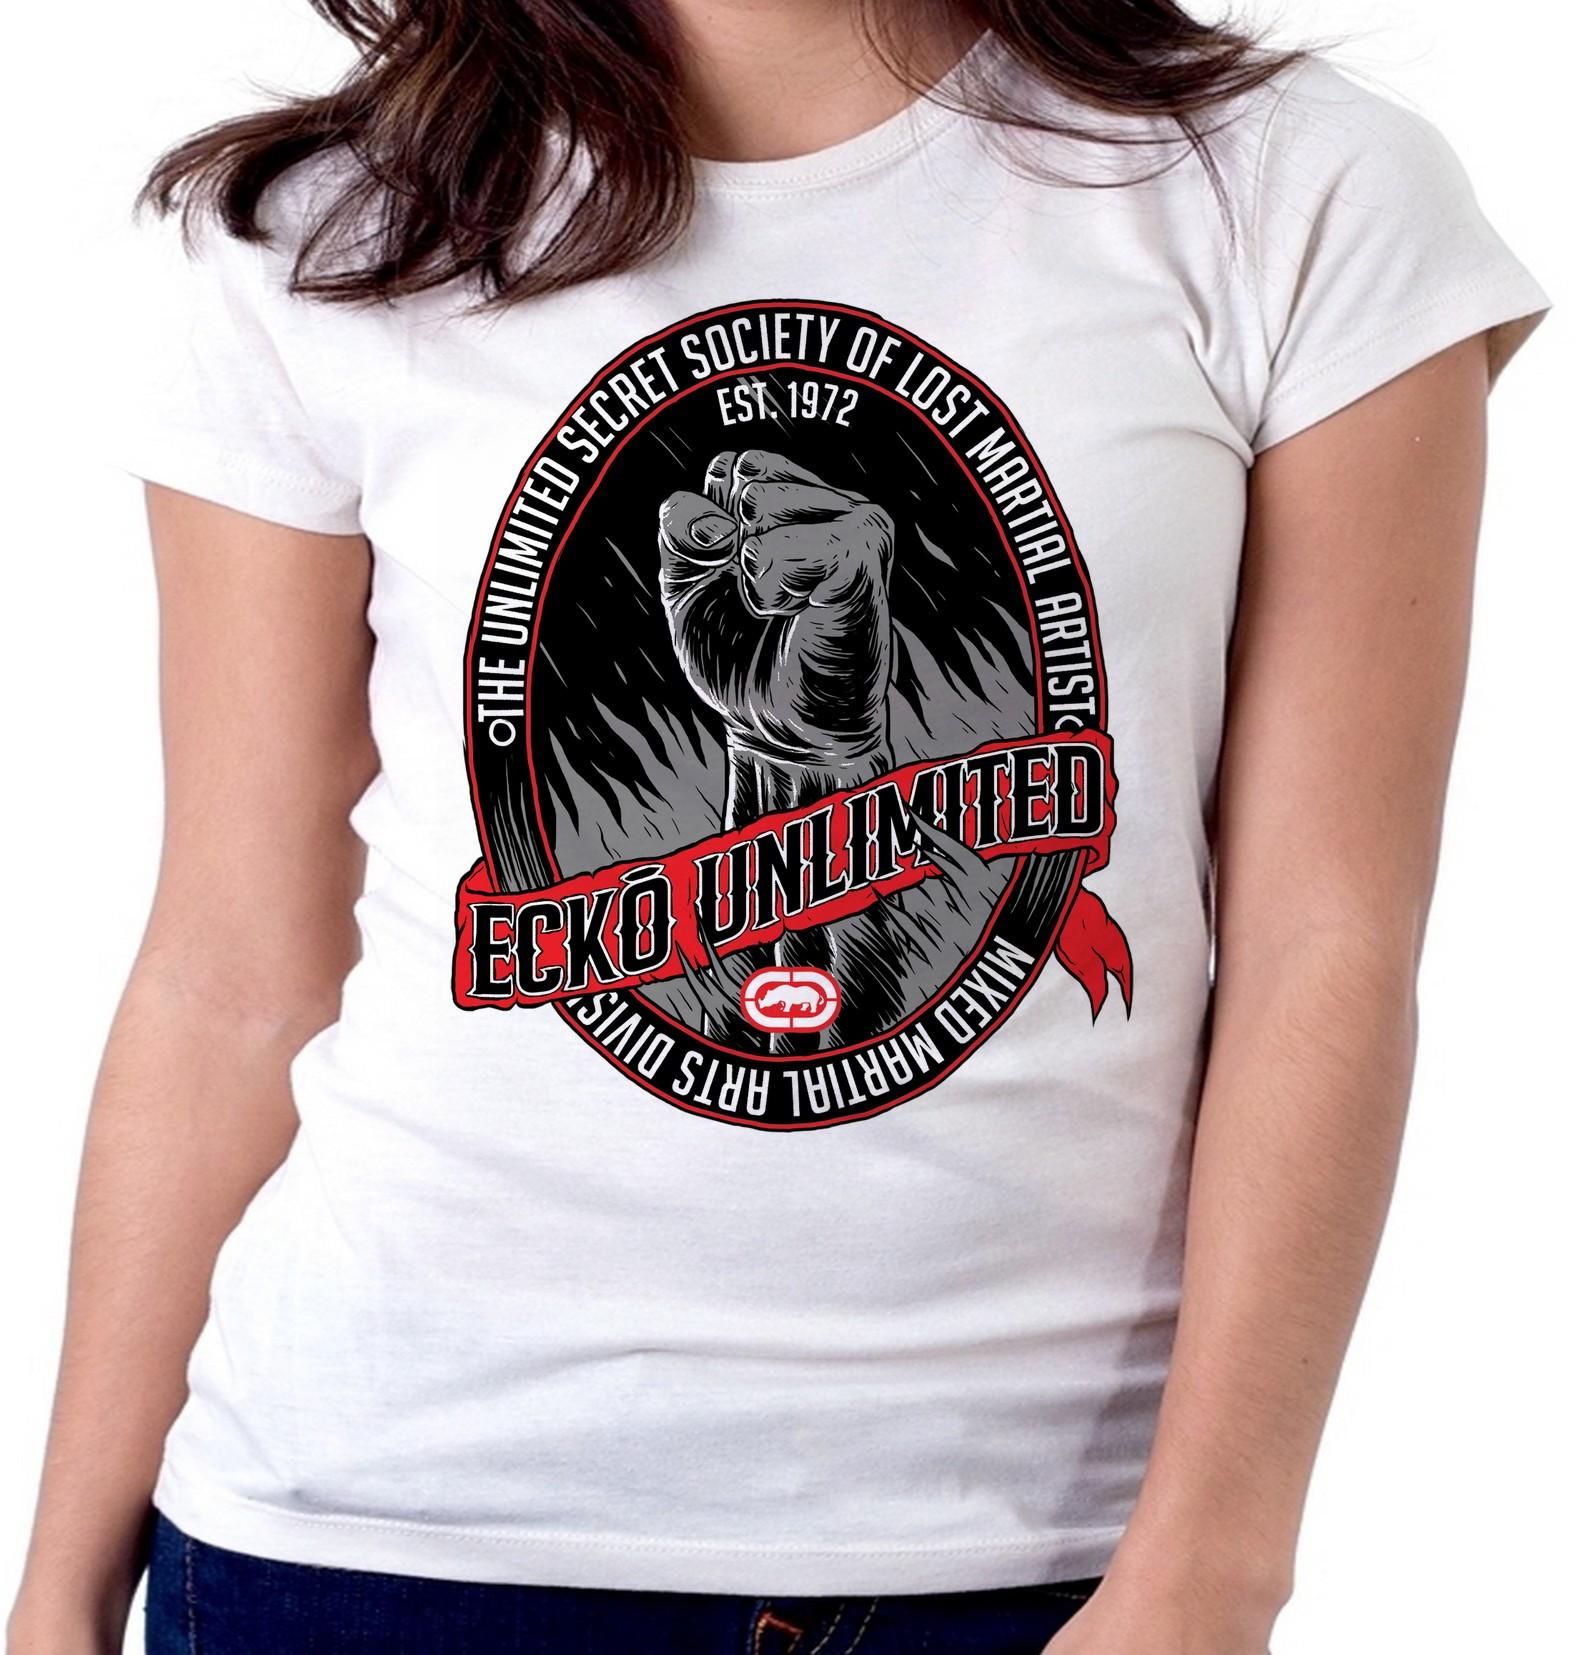 33b2eb9863f Camiseta Ecka Unltd